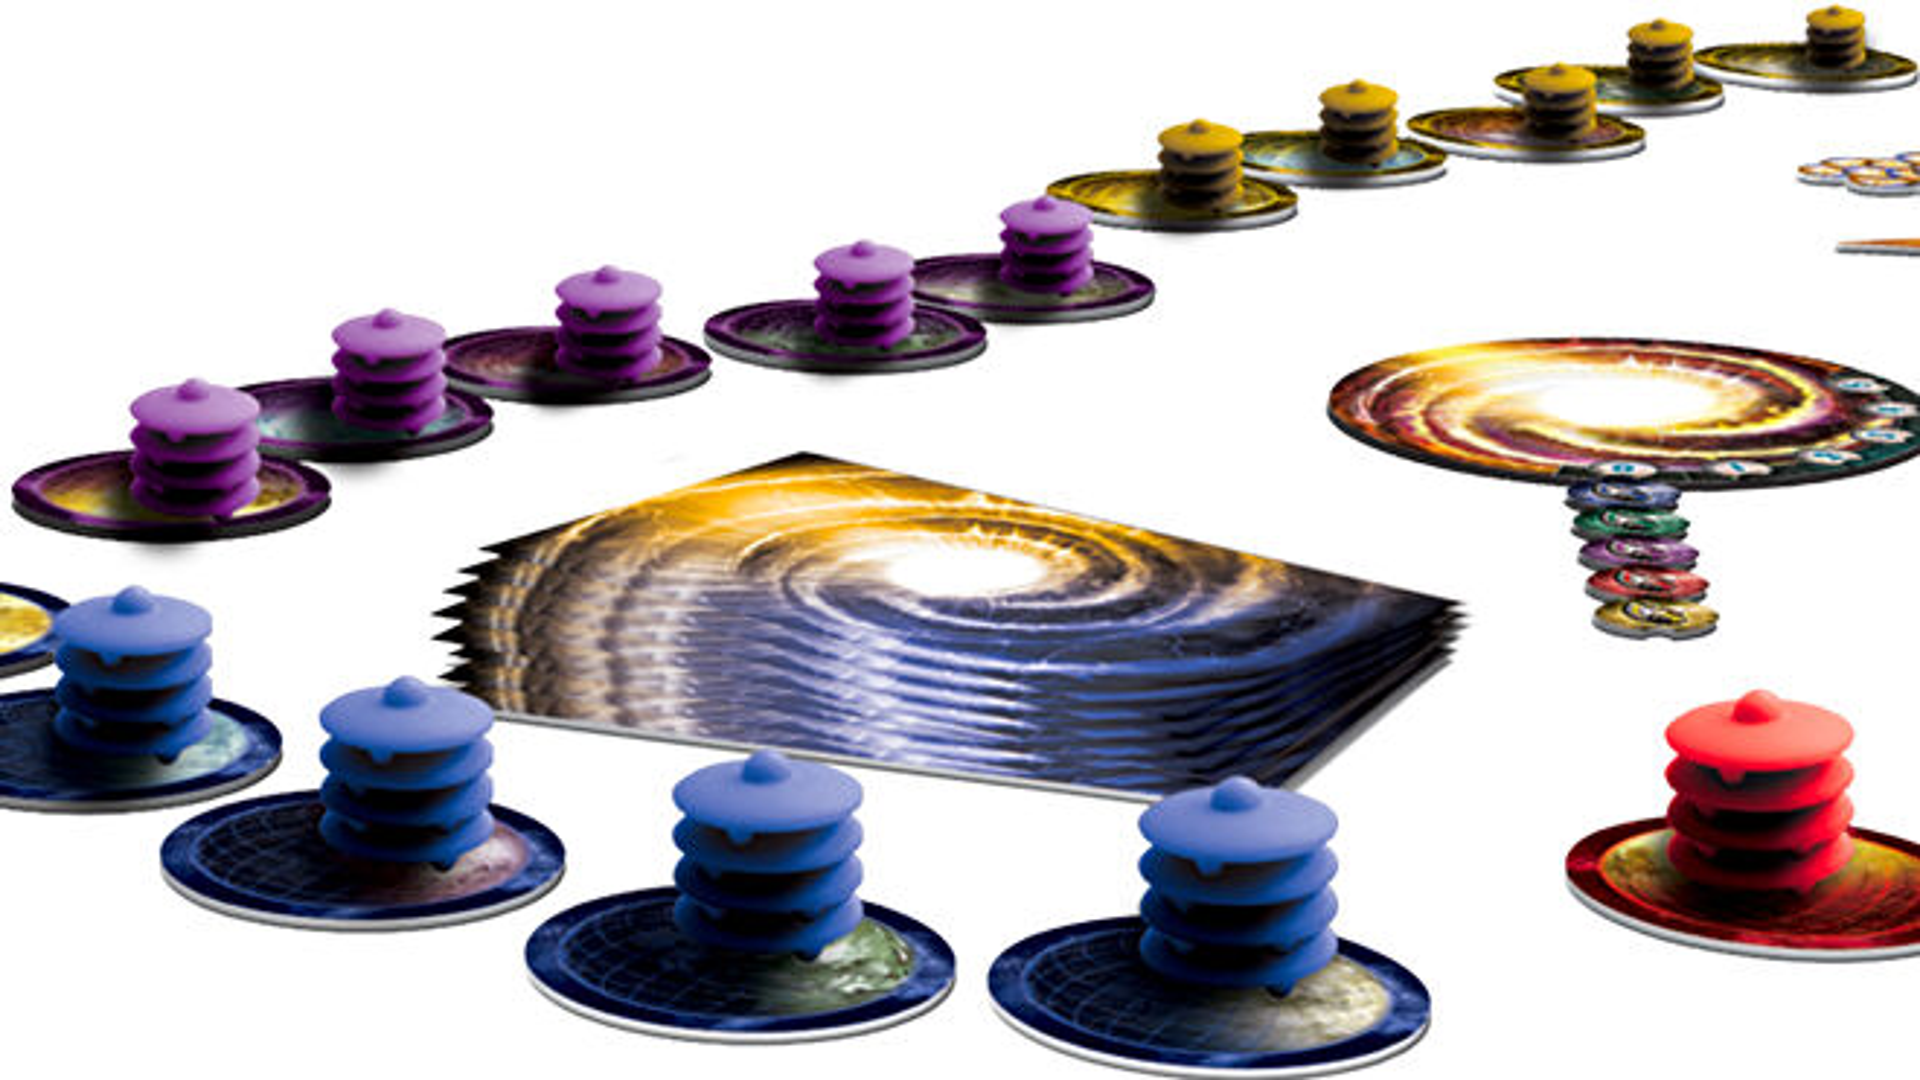 cosmic-encounter-board-game-gameplay.jpg